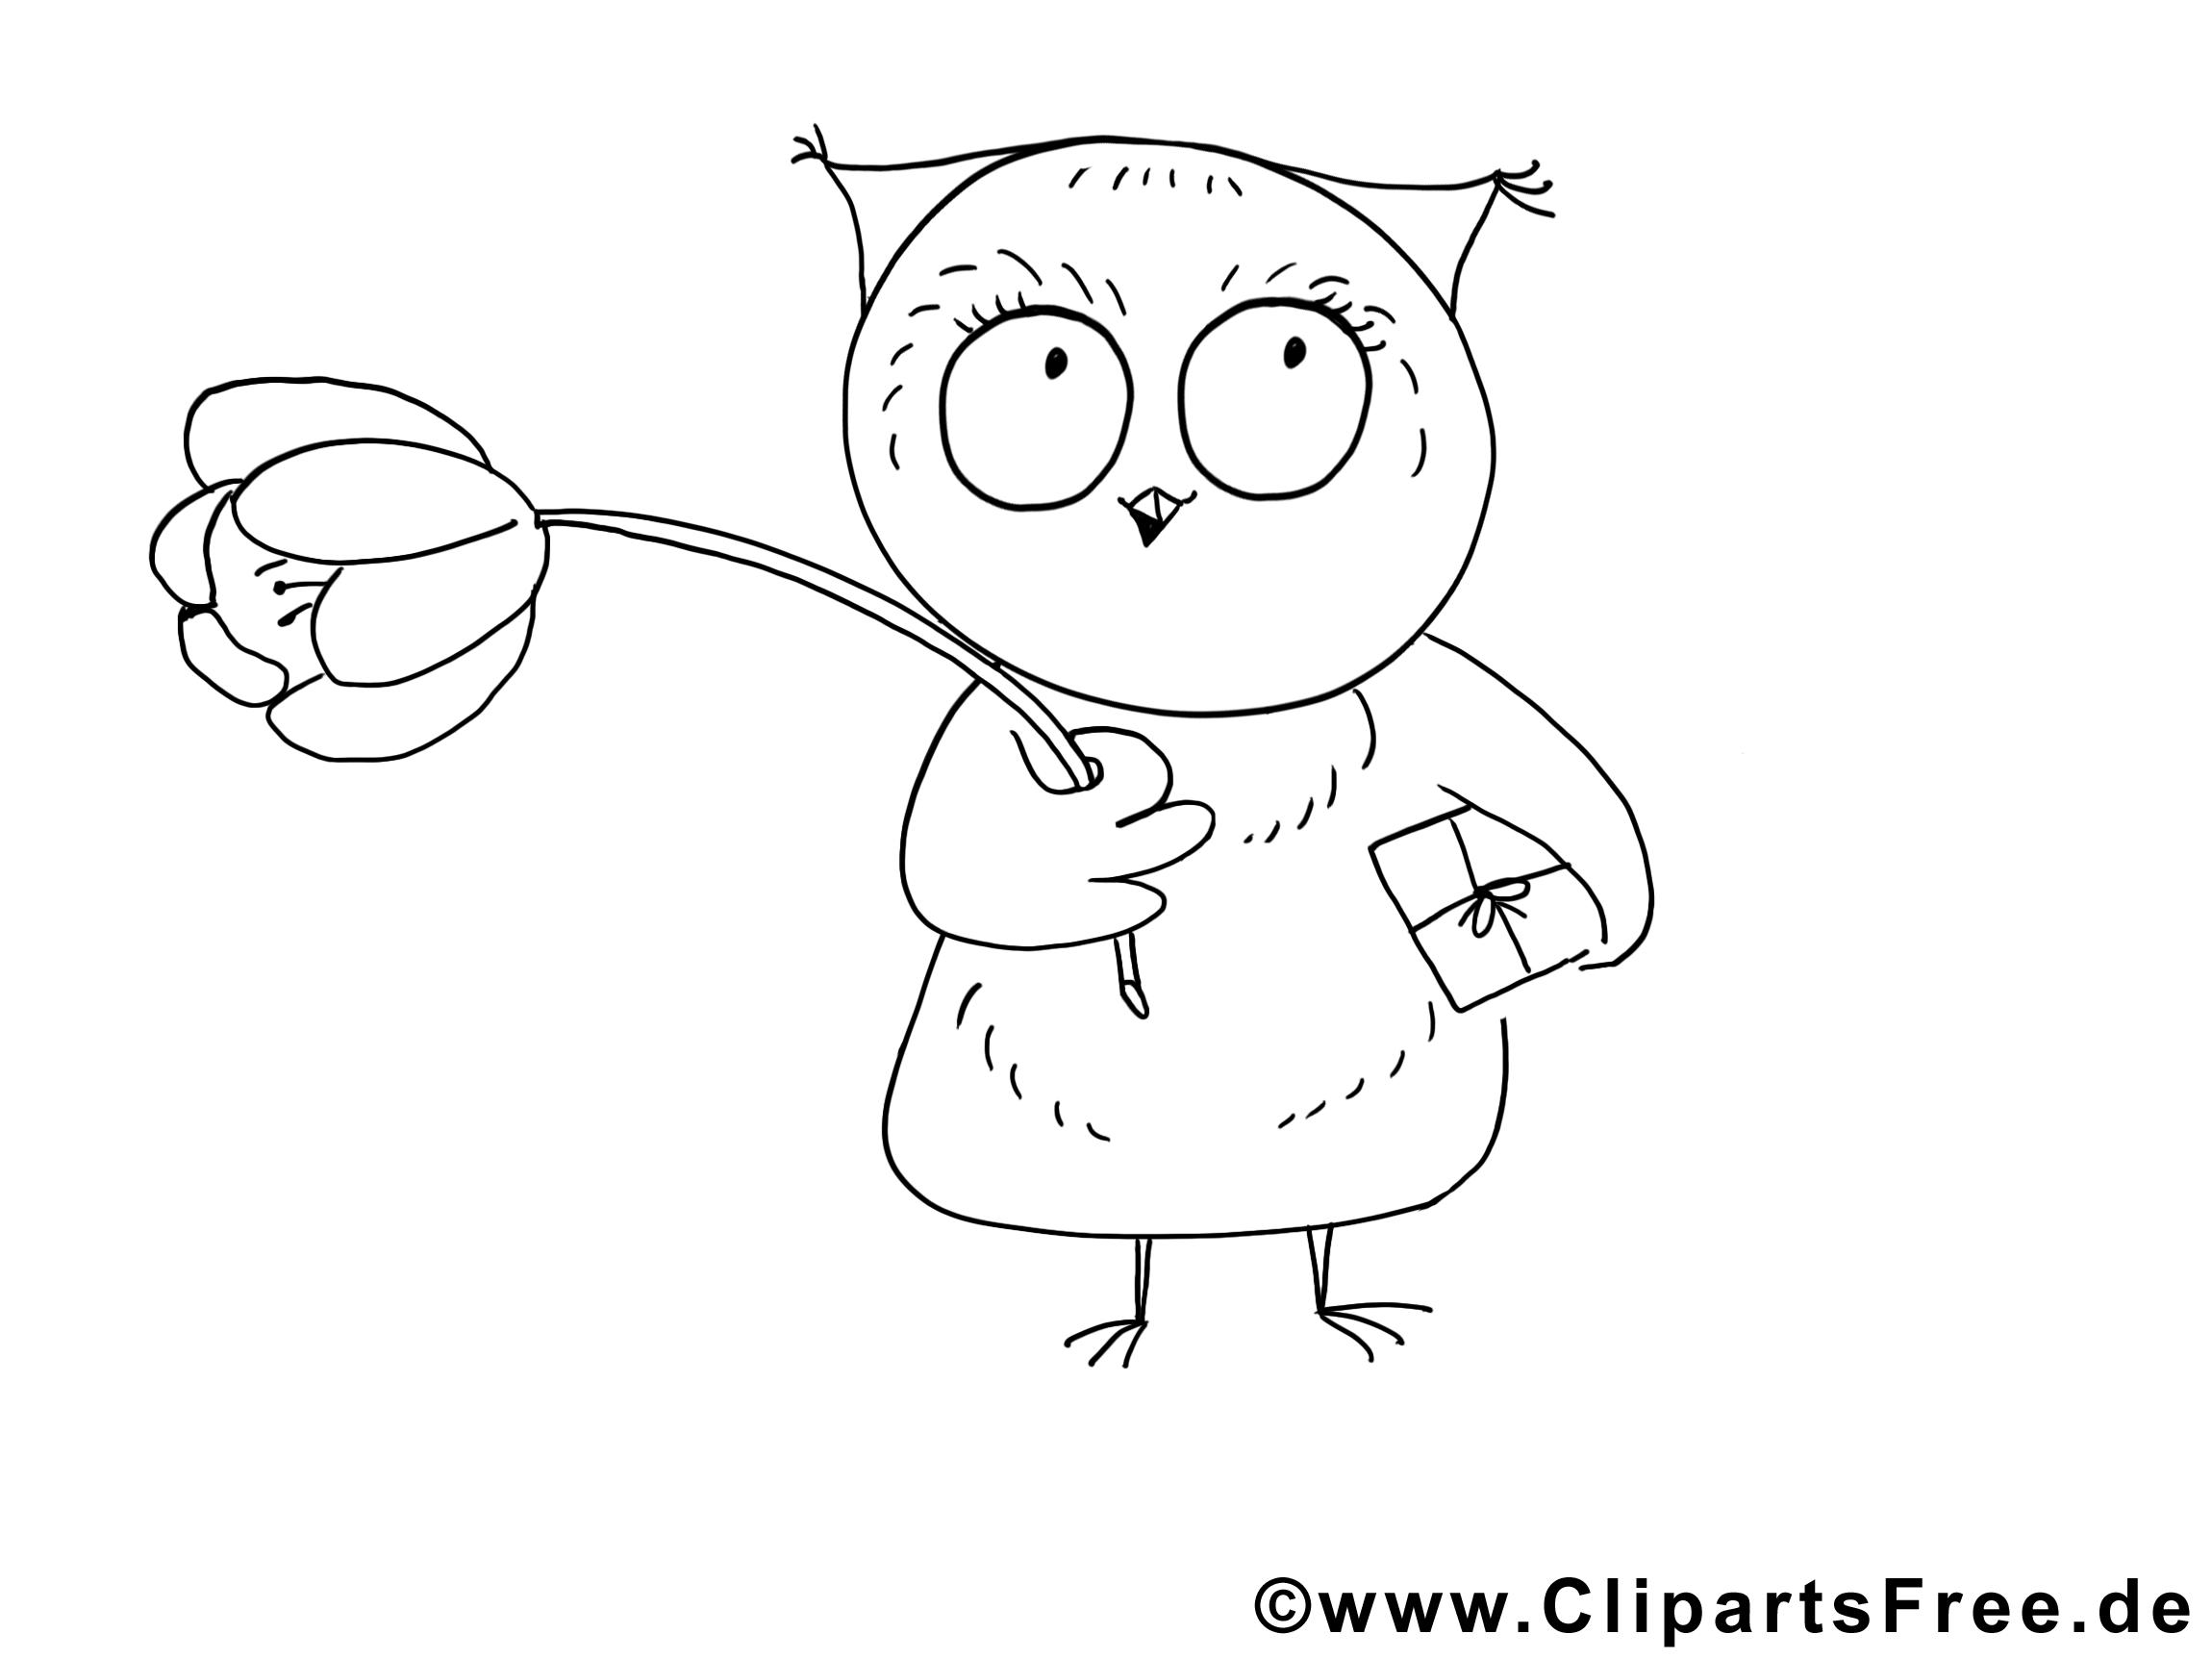 Hibou animal image à colorier gratuite